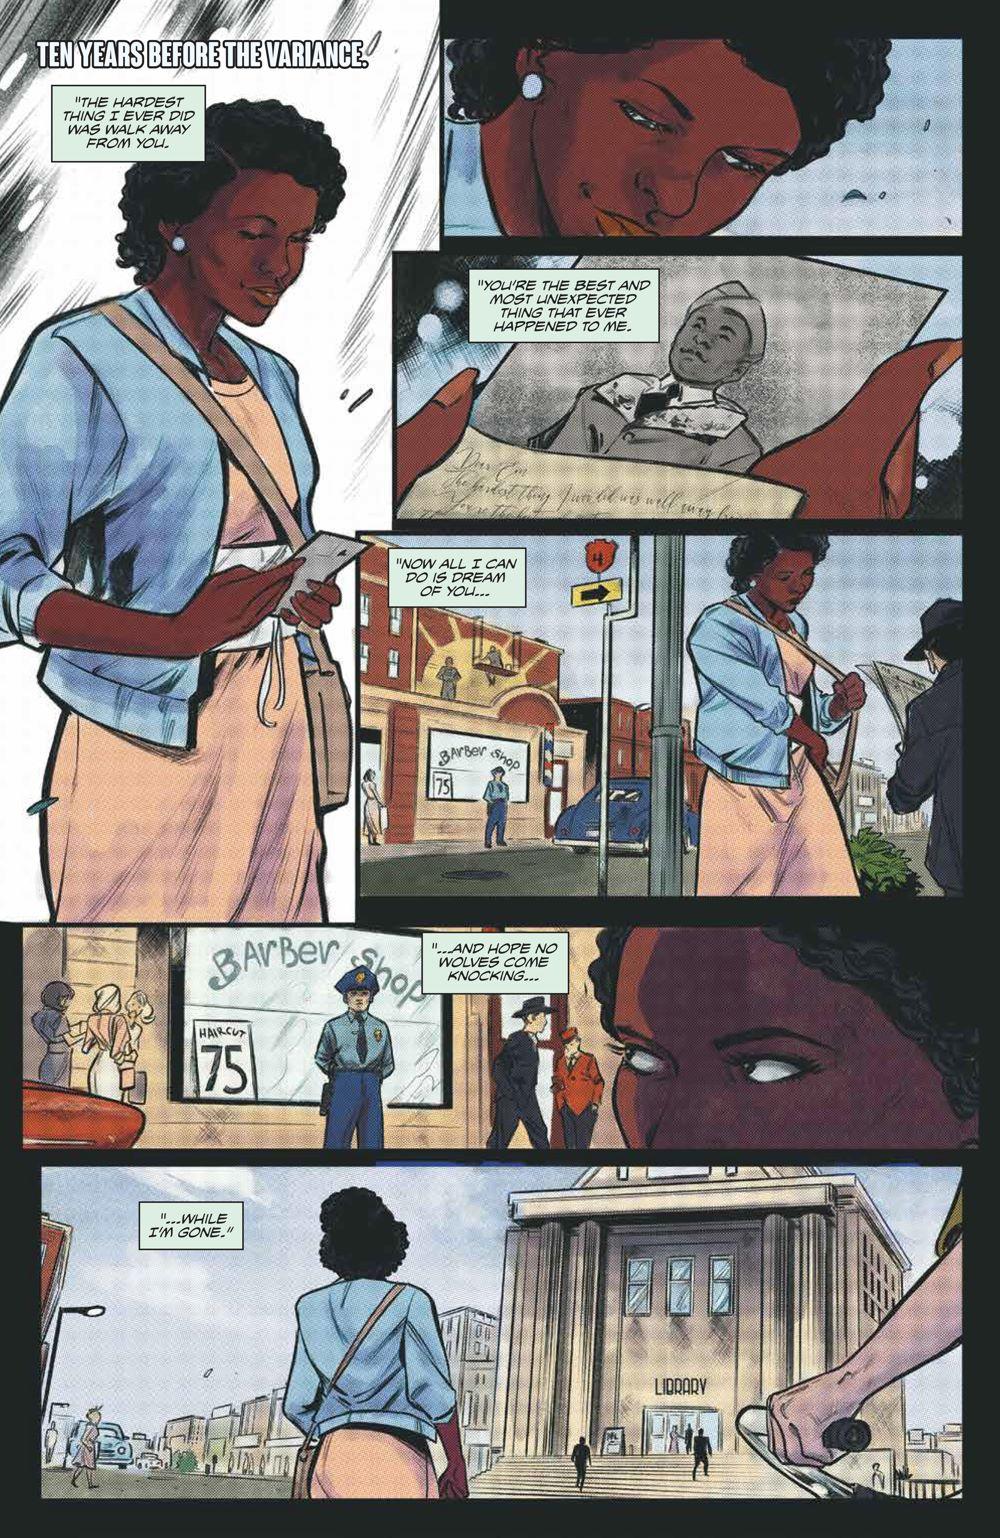 DarkBlood_003_PRESS_3 ComicList Previews: DARK BLOOD #3 (OF 6)